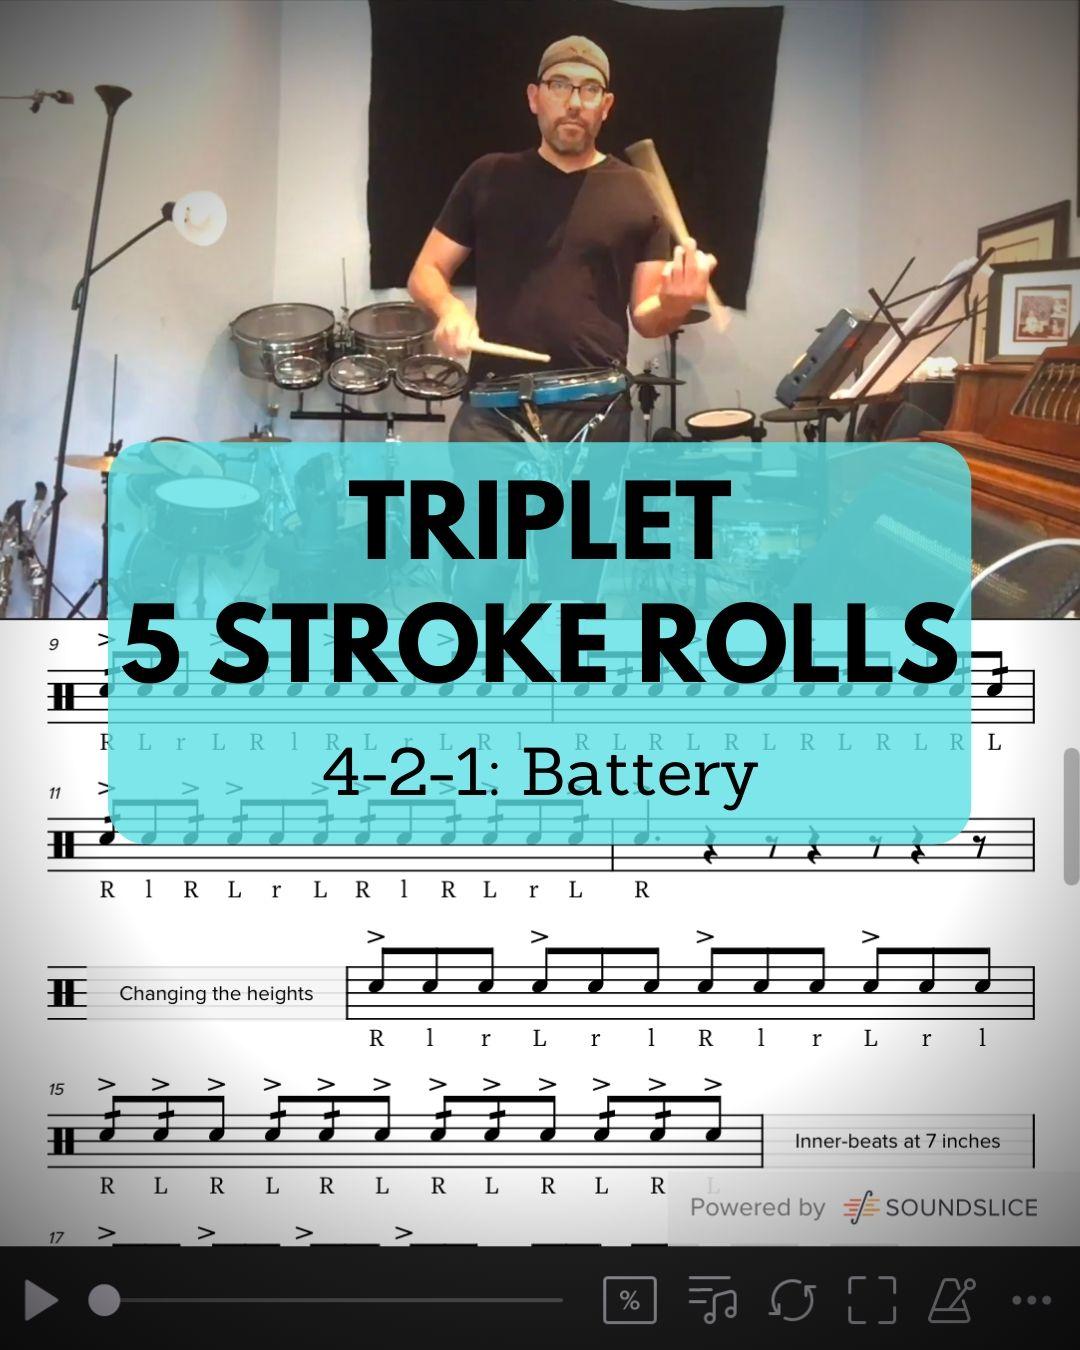 Triplet 5 stroke rolls